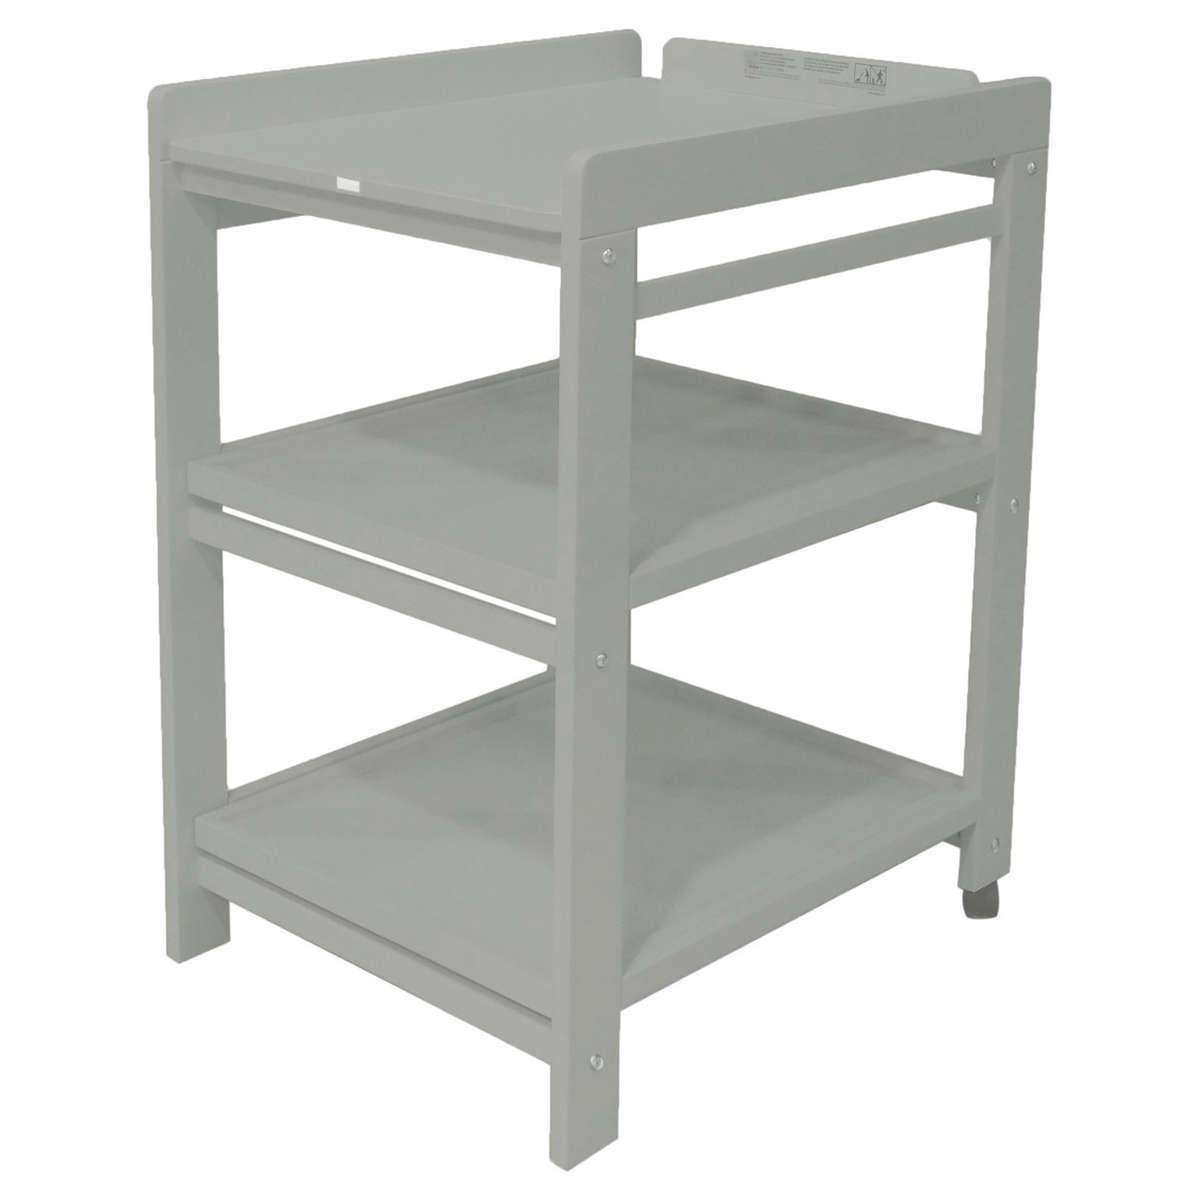 quax table langer comfort griffin table langer quax sur l 39 armoire de b b. Black Bedroom Furniture Sets. Home Design Ideas